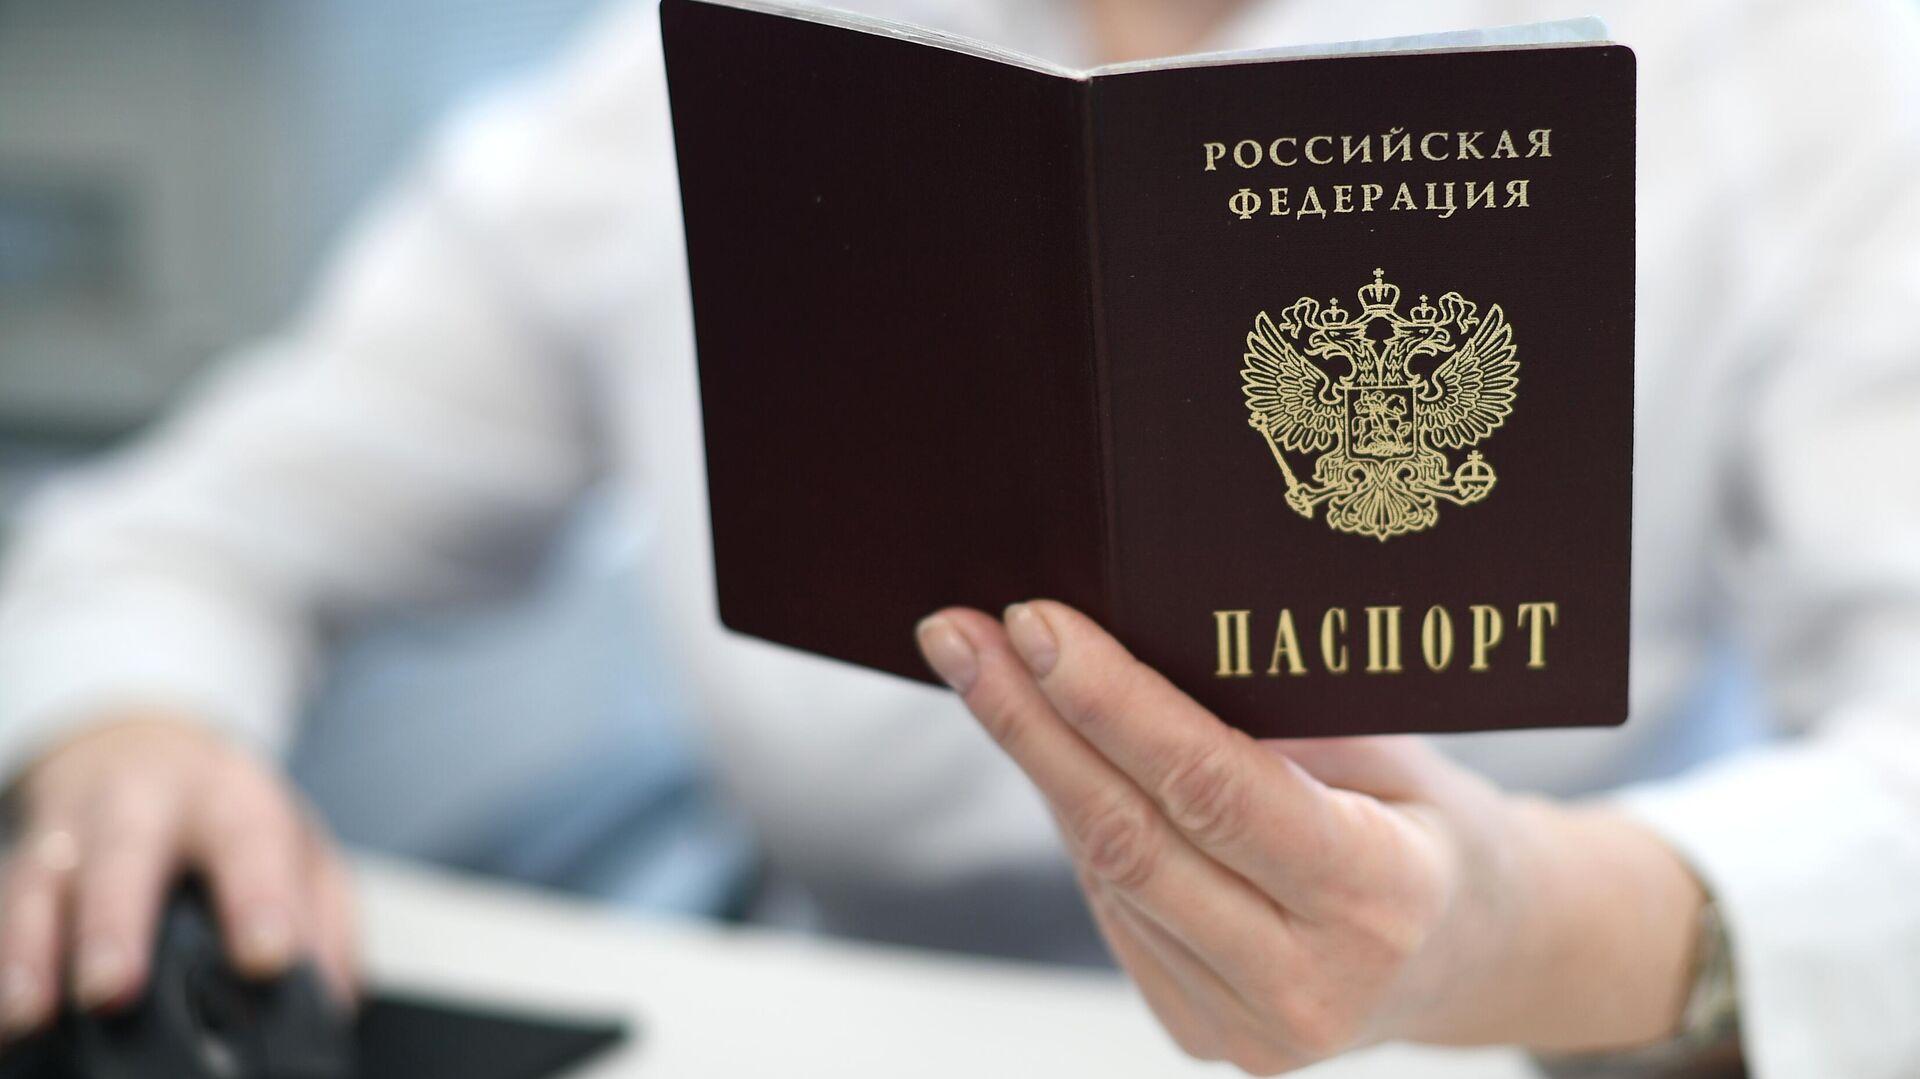 Сотрудник ПФР держит в руках российский паспорт - РИА Новости, 1920, 11.06.2021